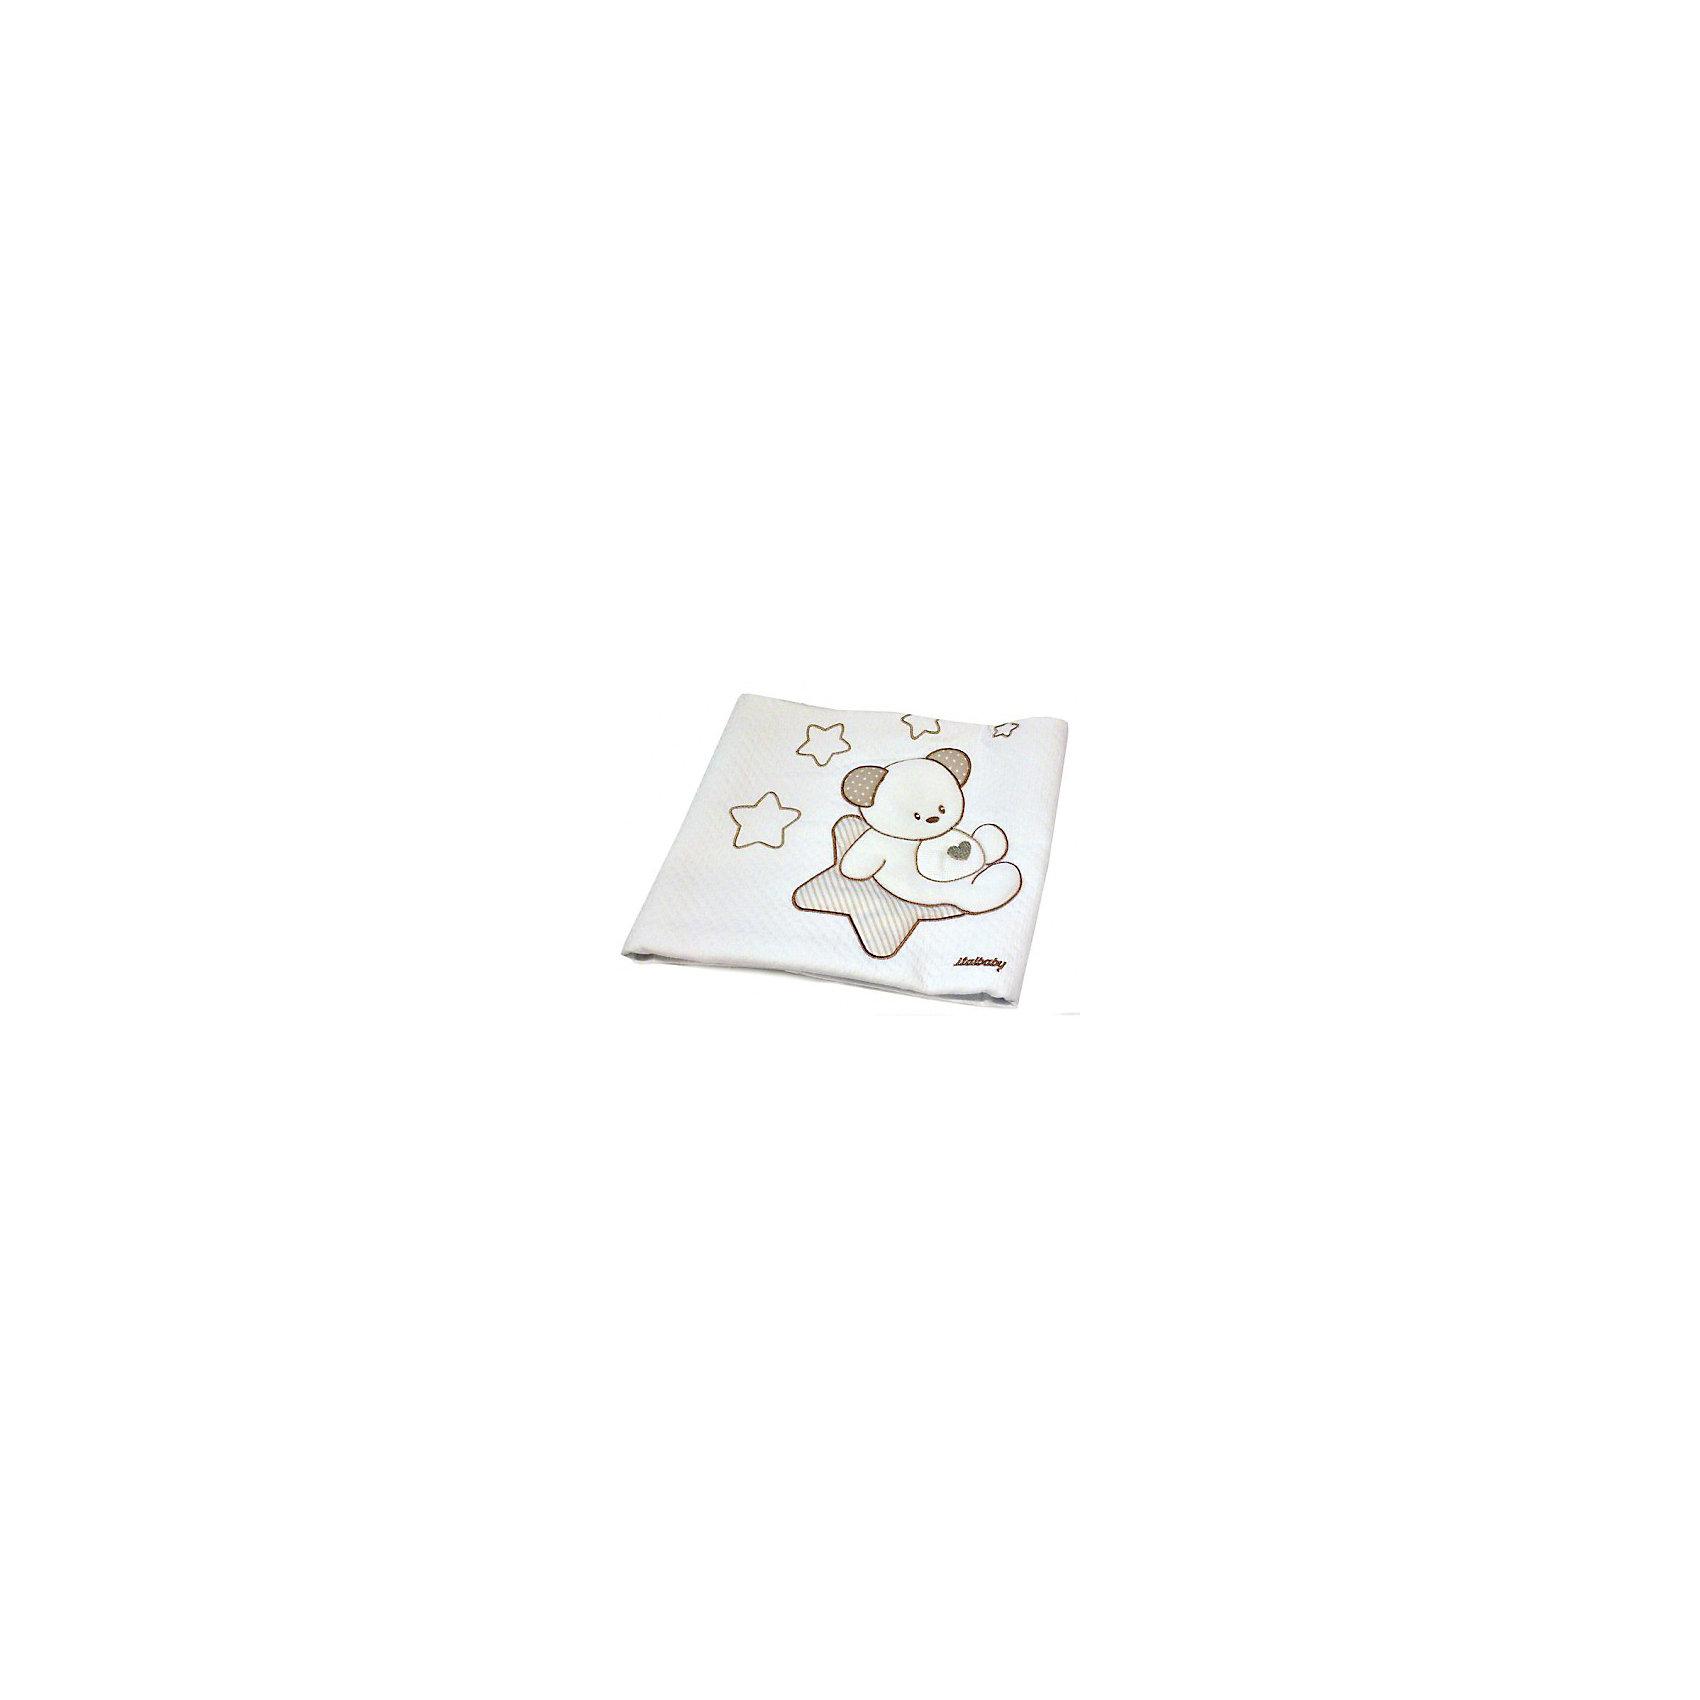 Покрывало Sweet Star 65х80 пике, Italbaby, кремОдеяла, пледы<br>Стильное покрывало, украшенное ручной вышивкой, изготовлено из хлопковой гипоаллергенной ткани. Легко стирается в стиральной машине с программой мягкой стирки. <br><br>Дополнительная информация:<br><br>- Материал: хлопок 100%.<br>- Габариты: 65х80 см.<br>- Цвет: кремовый.<br><br>Купить покрывало Sweet Star, можно в нашем магазине.<br><br>Ширина мм: 800<br>Глубина мм: 650<br>Высота мм: 200<br>Вес г: 500<br>Возраст от месяцев: 0<br>Возраст до месяцев: 36<br>Пол: Унисекс<br>Возраст: Детский<br>SKU: 5093571